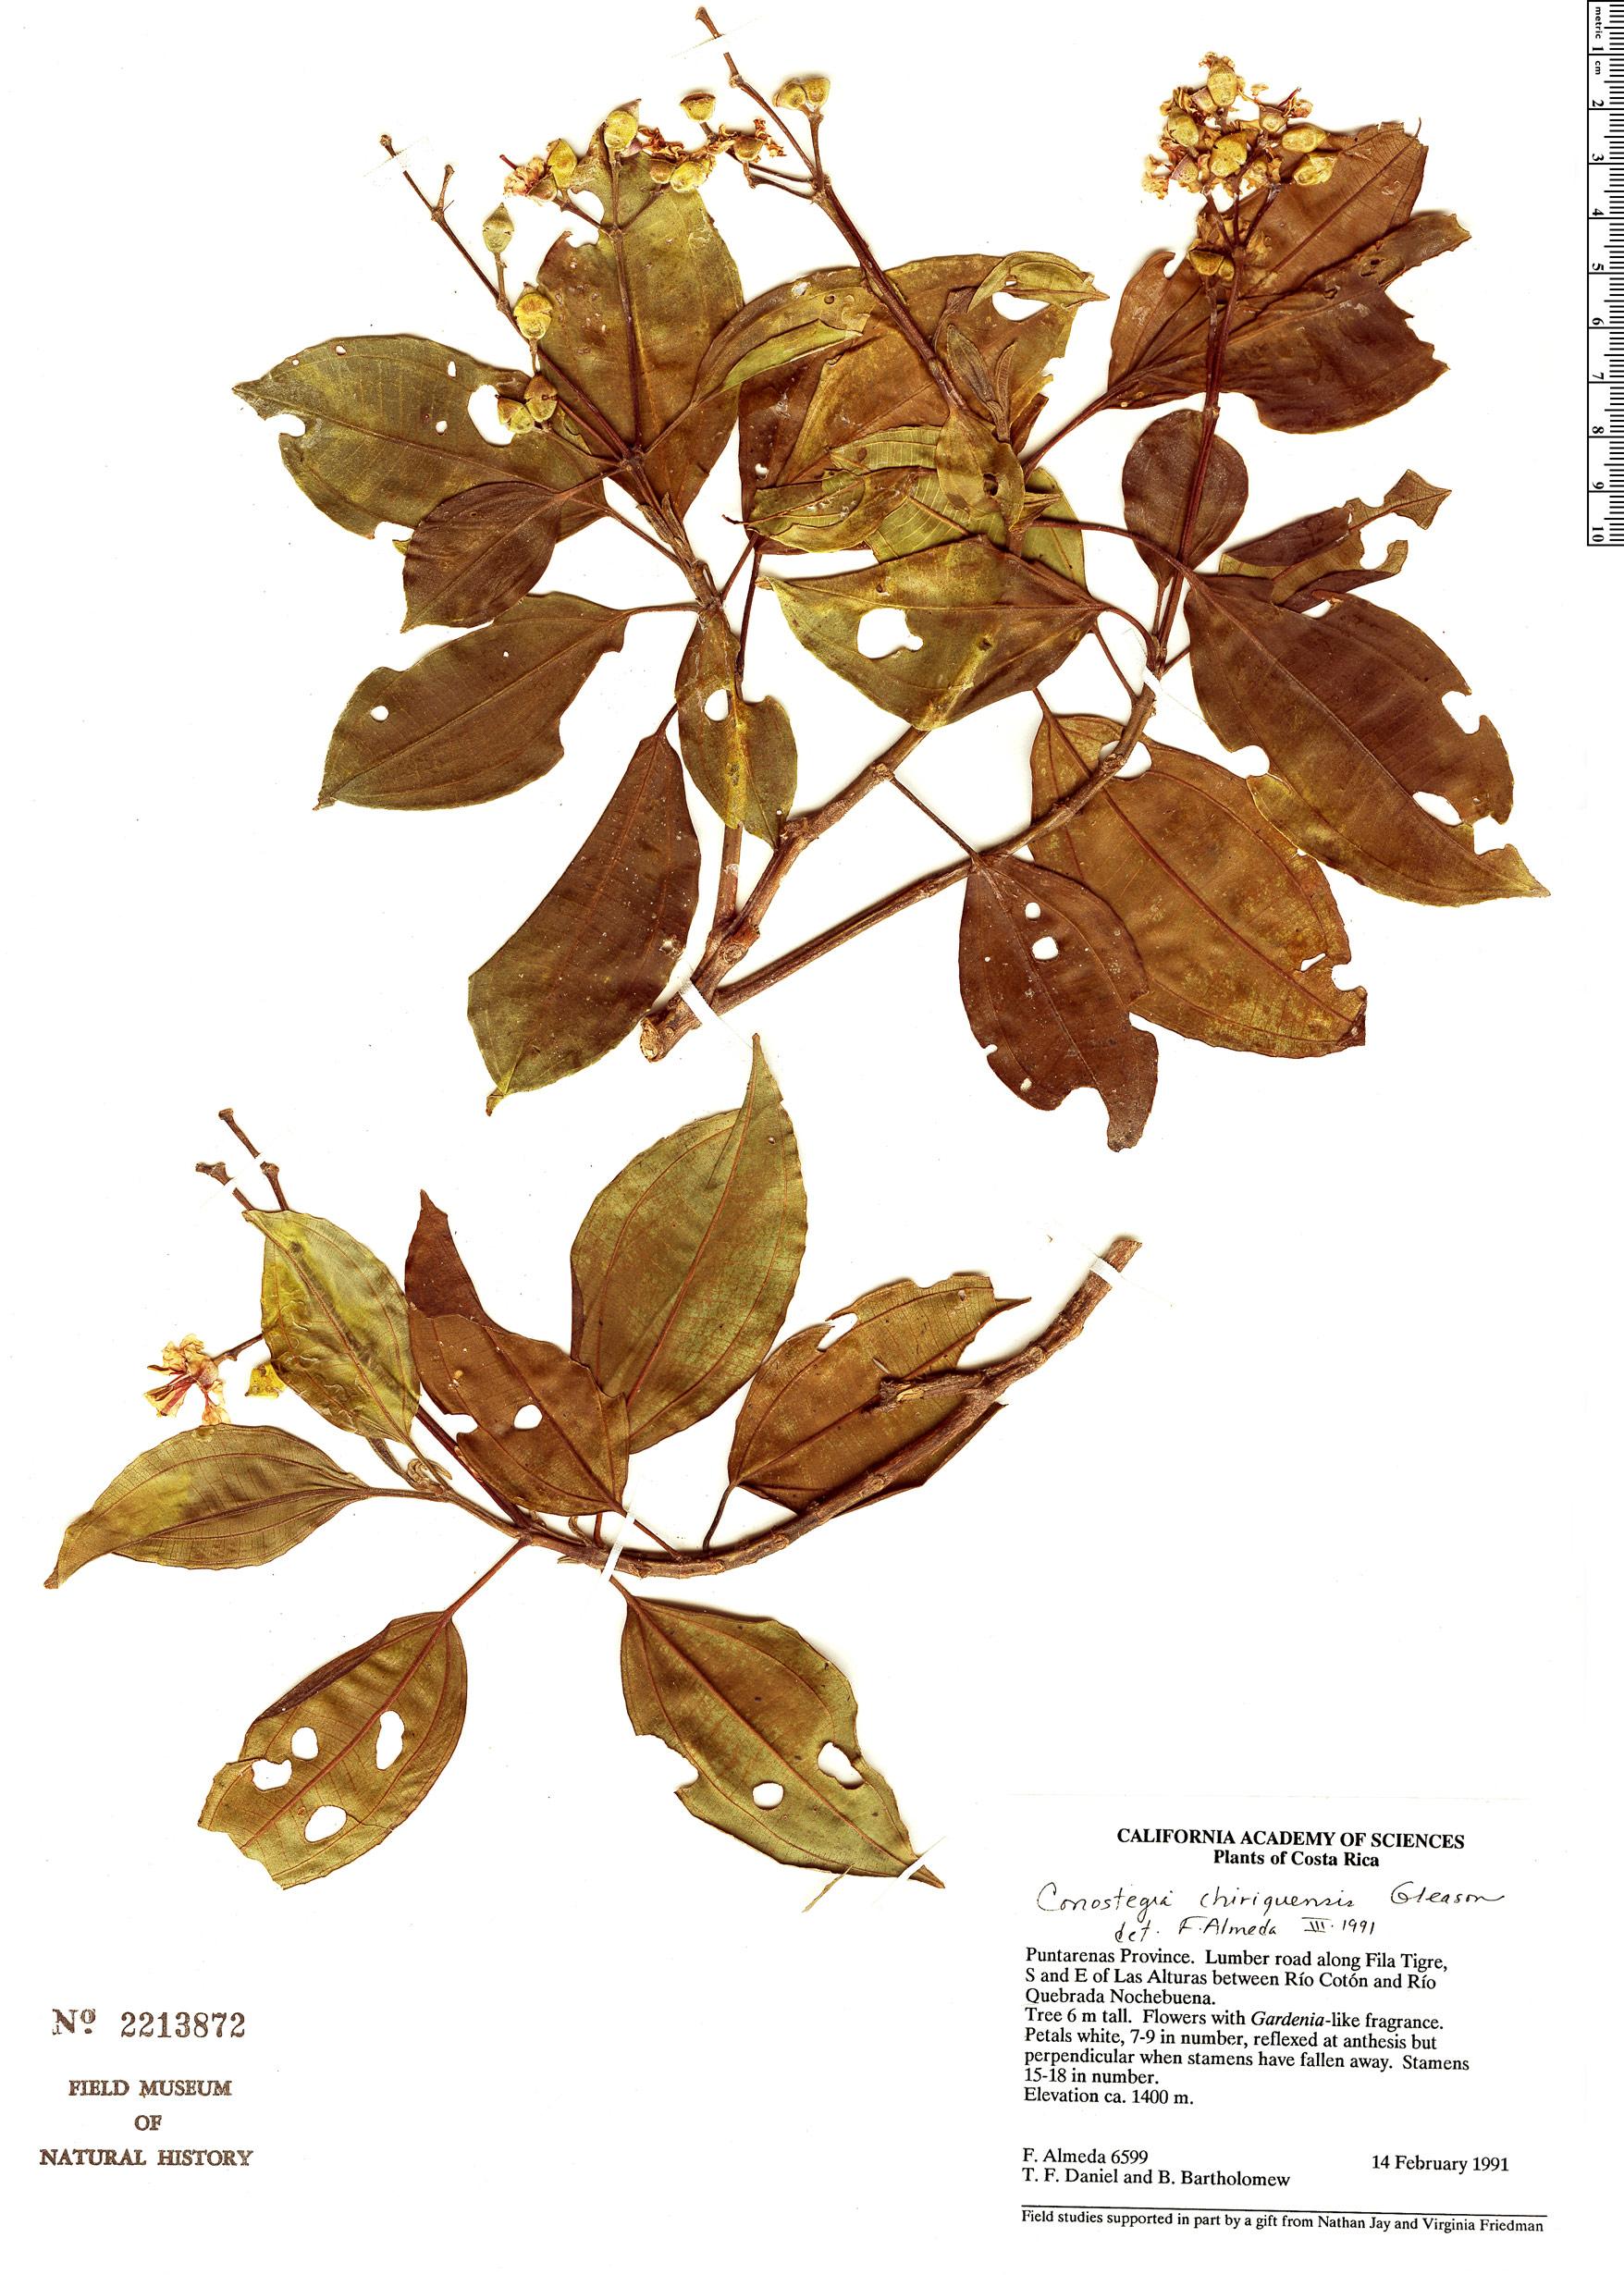 Specimen: Conostegia chiriquensis